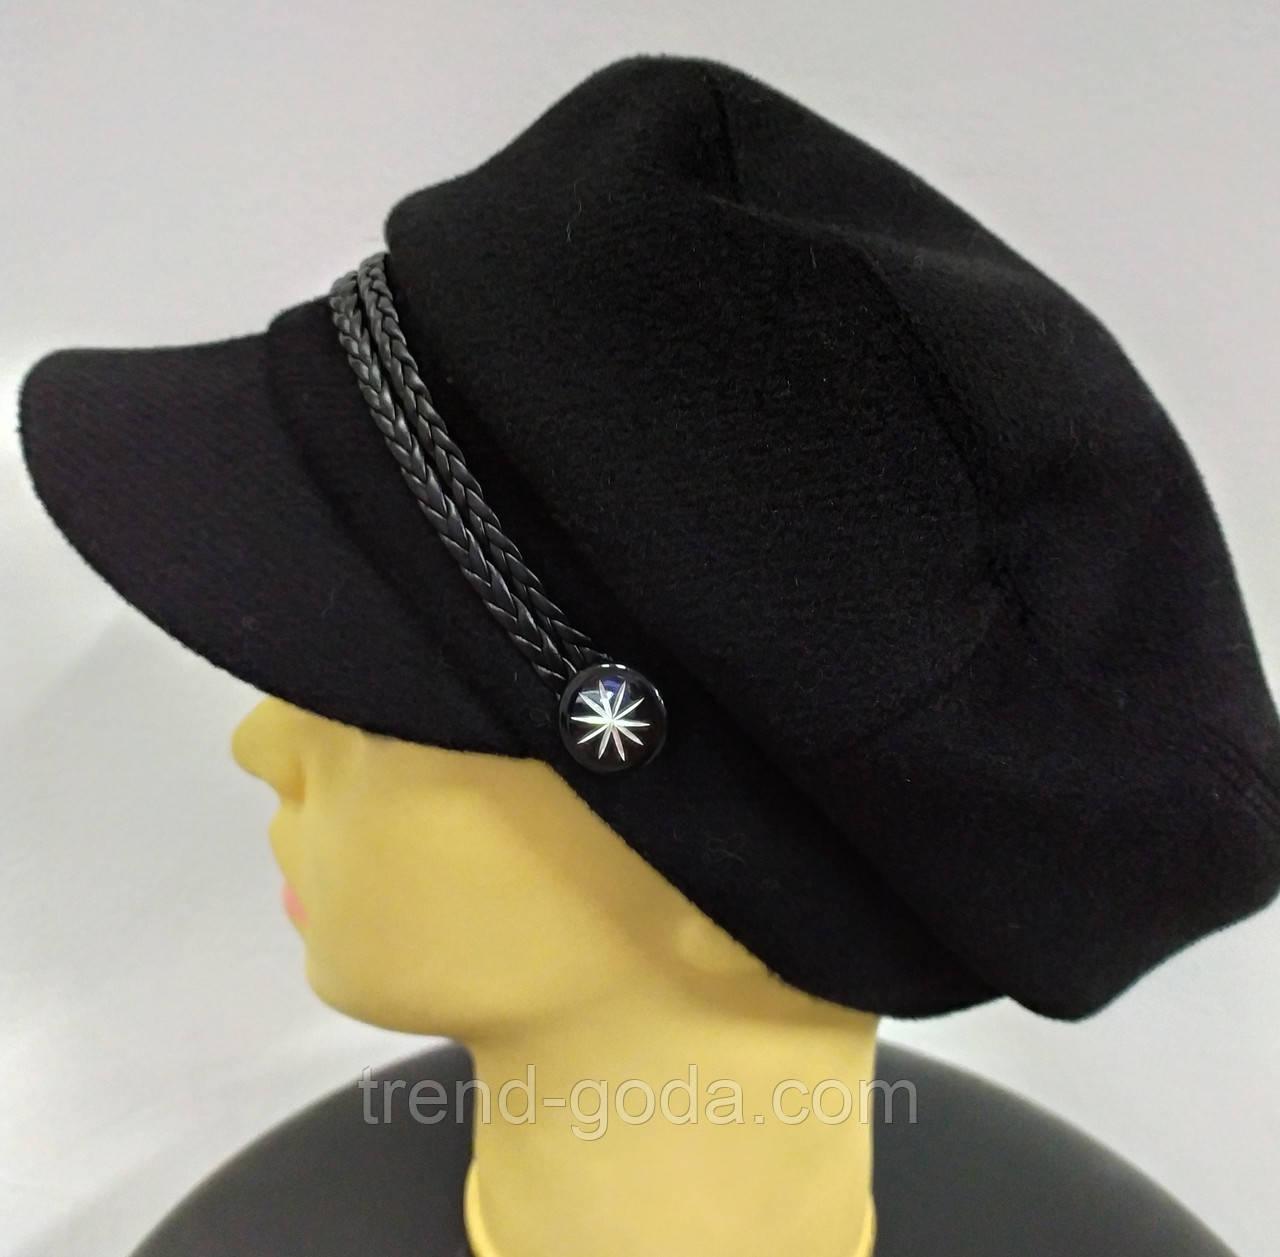 Кепка женская кашемировая, теплая, черного цвета